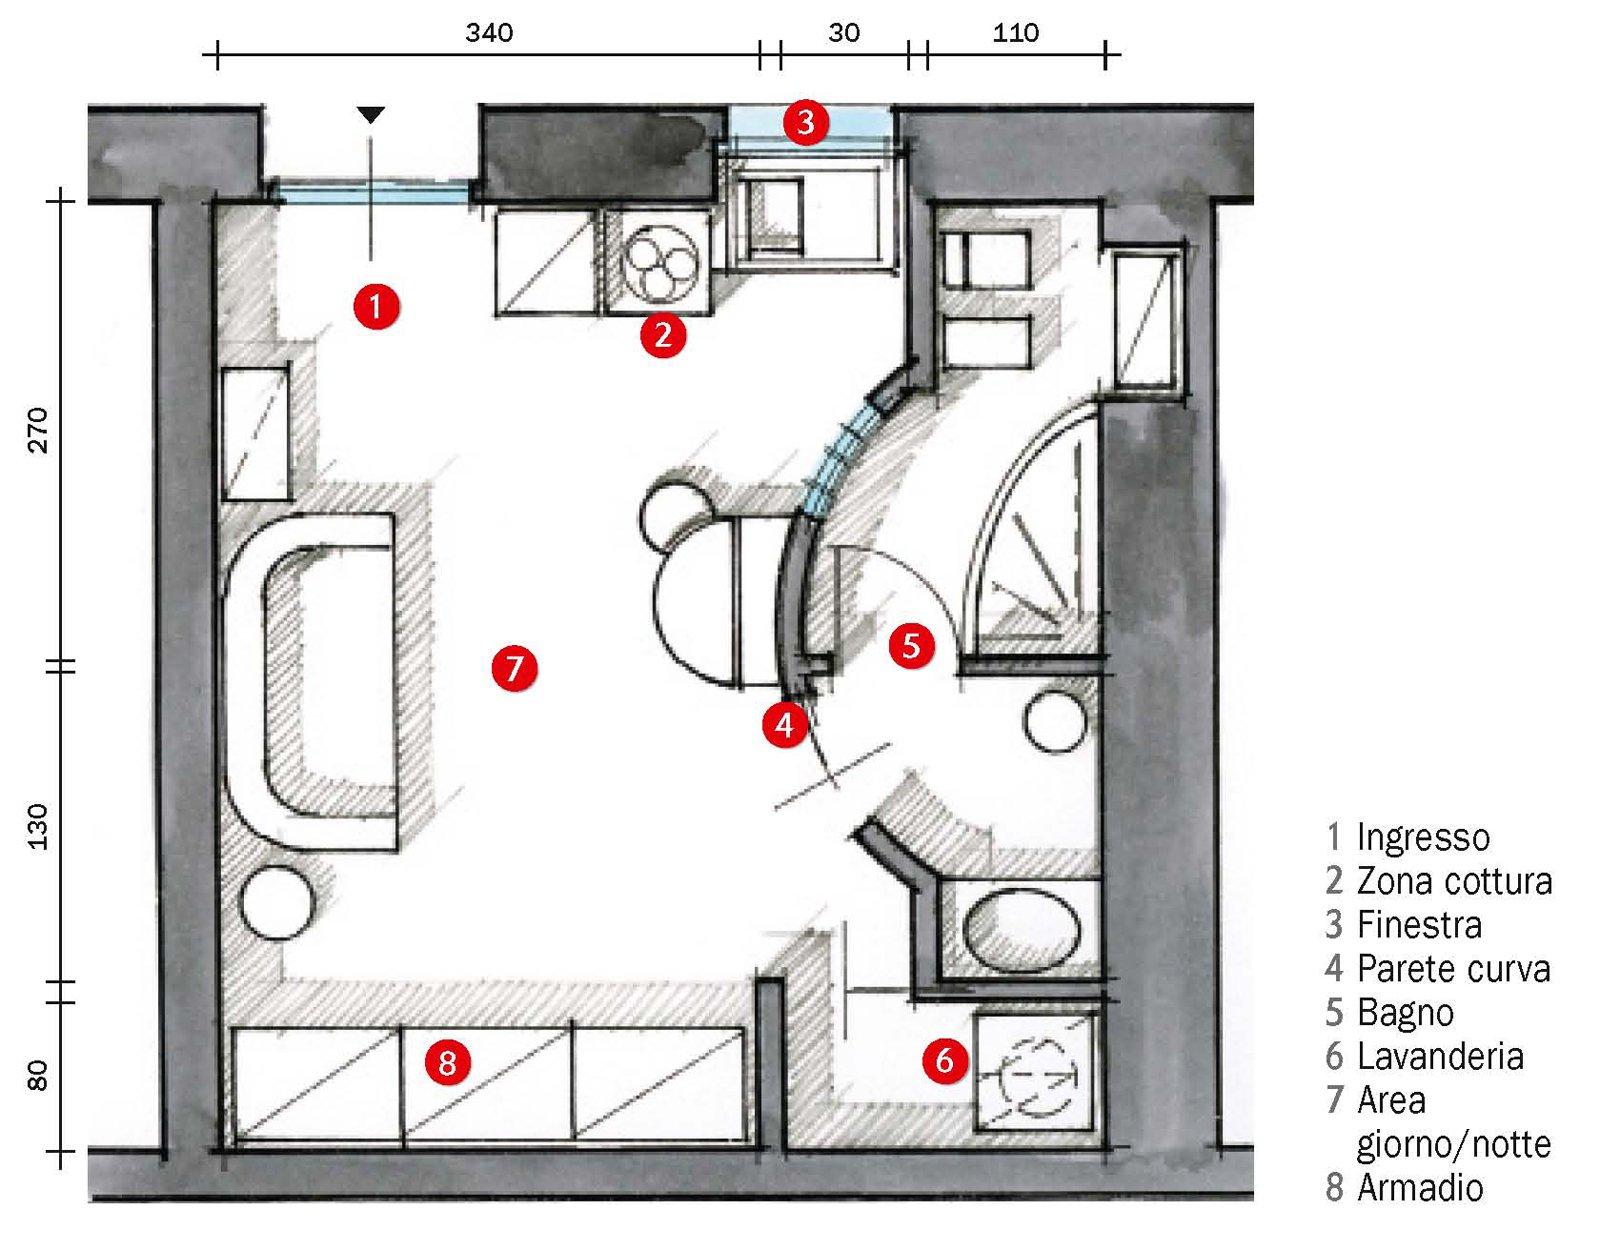 Monolocale di 25 mq con soluzioni salvaspazio cose di casa - Dimensioni minime cucina bar ...